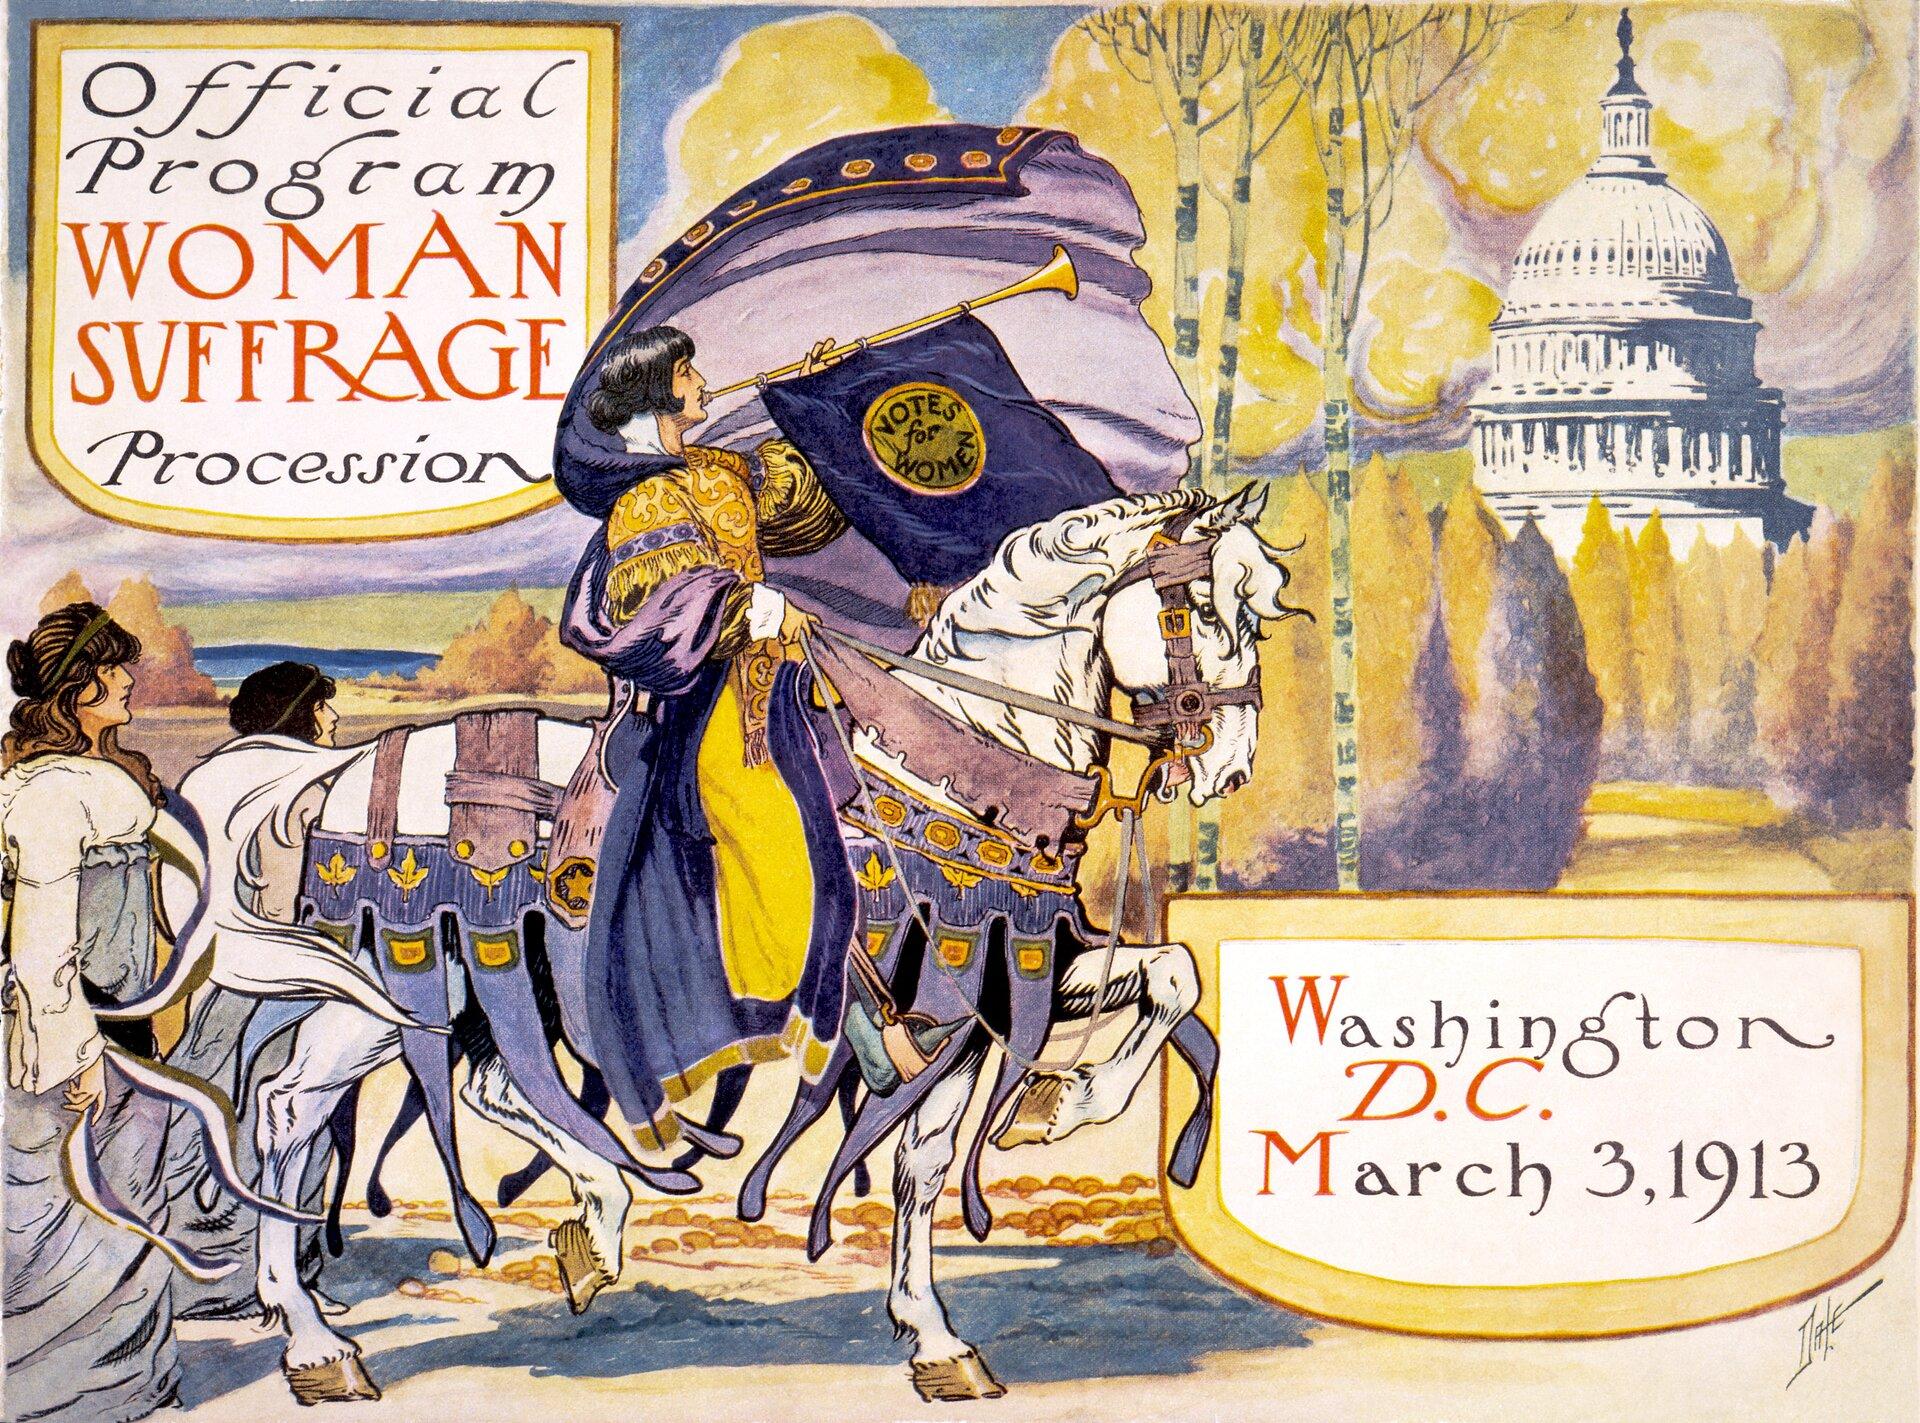 Oficjalny program marszu amerykańskich sufrażystek Źródło: Benjamin Moran Dale, Oficjalny program marszu amerykańskich sufrażystek, 1913, domena publiczna.